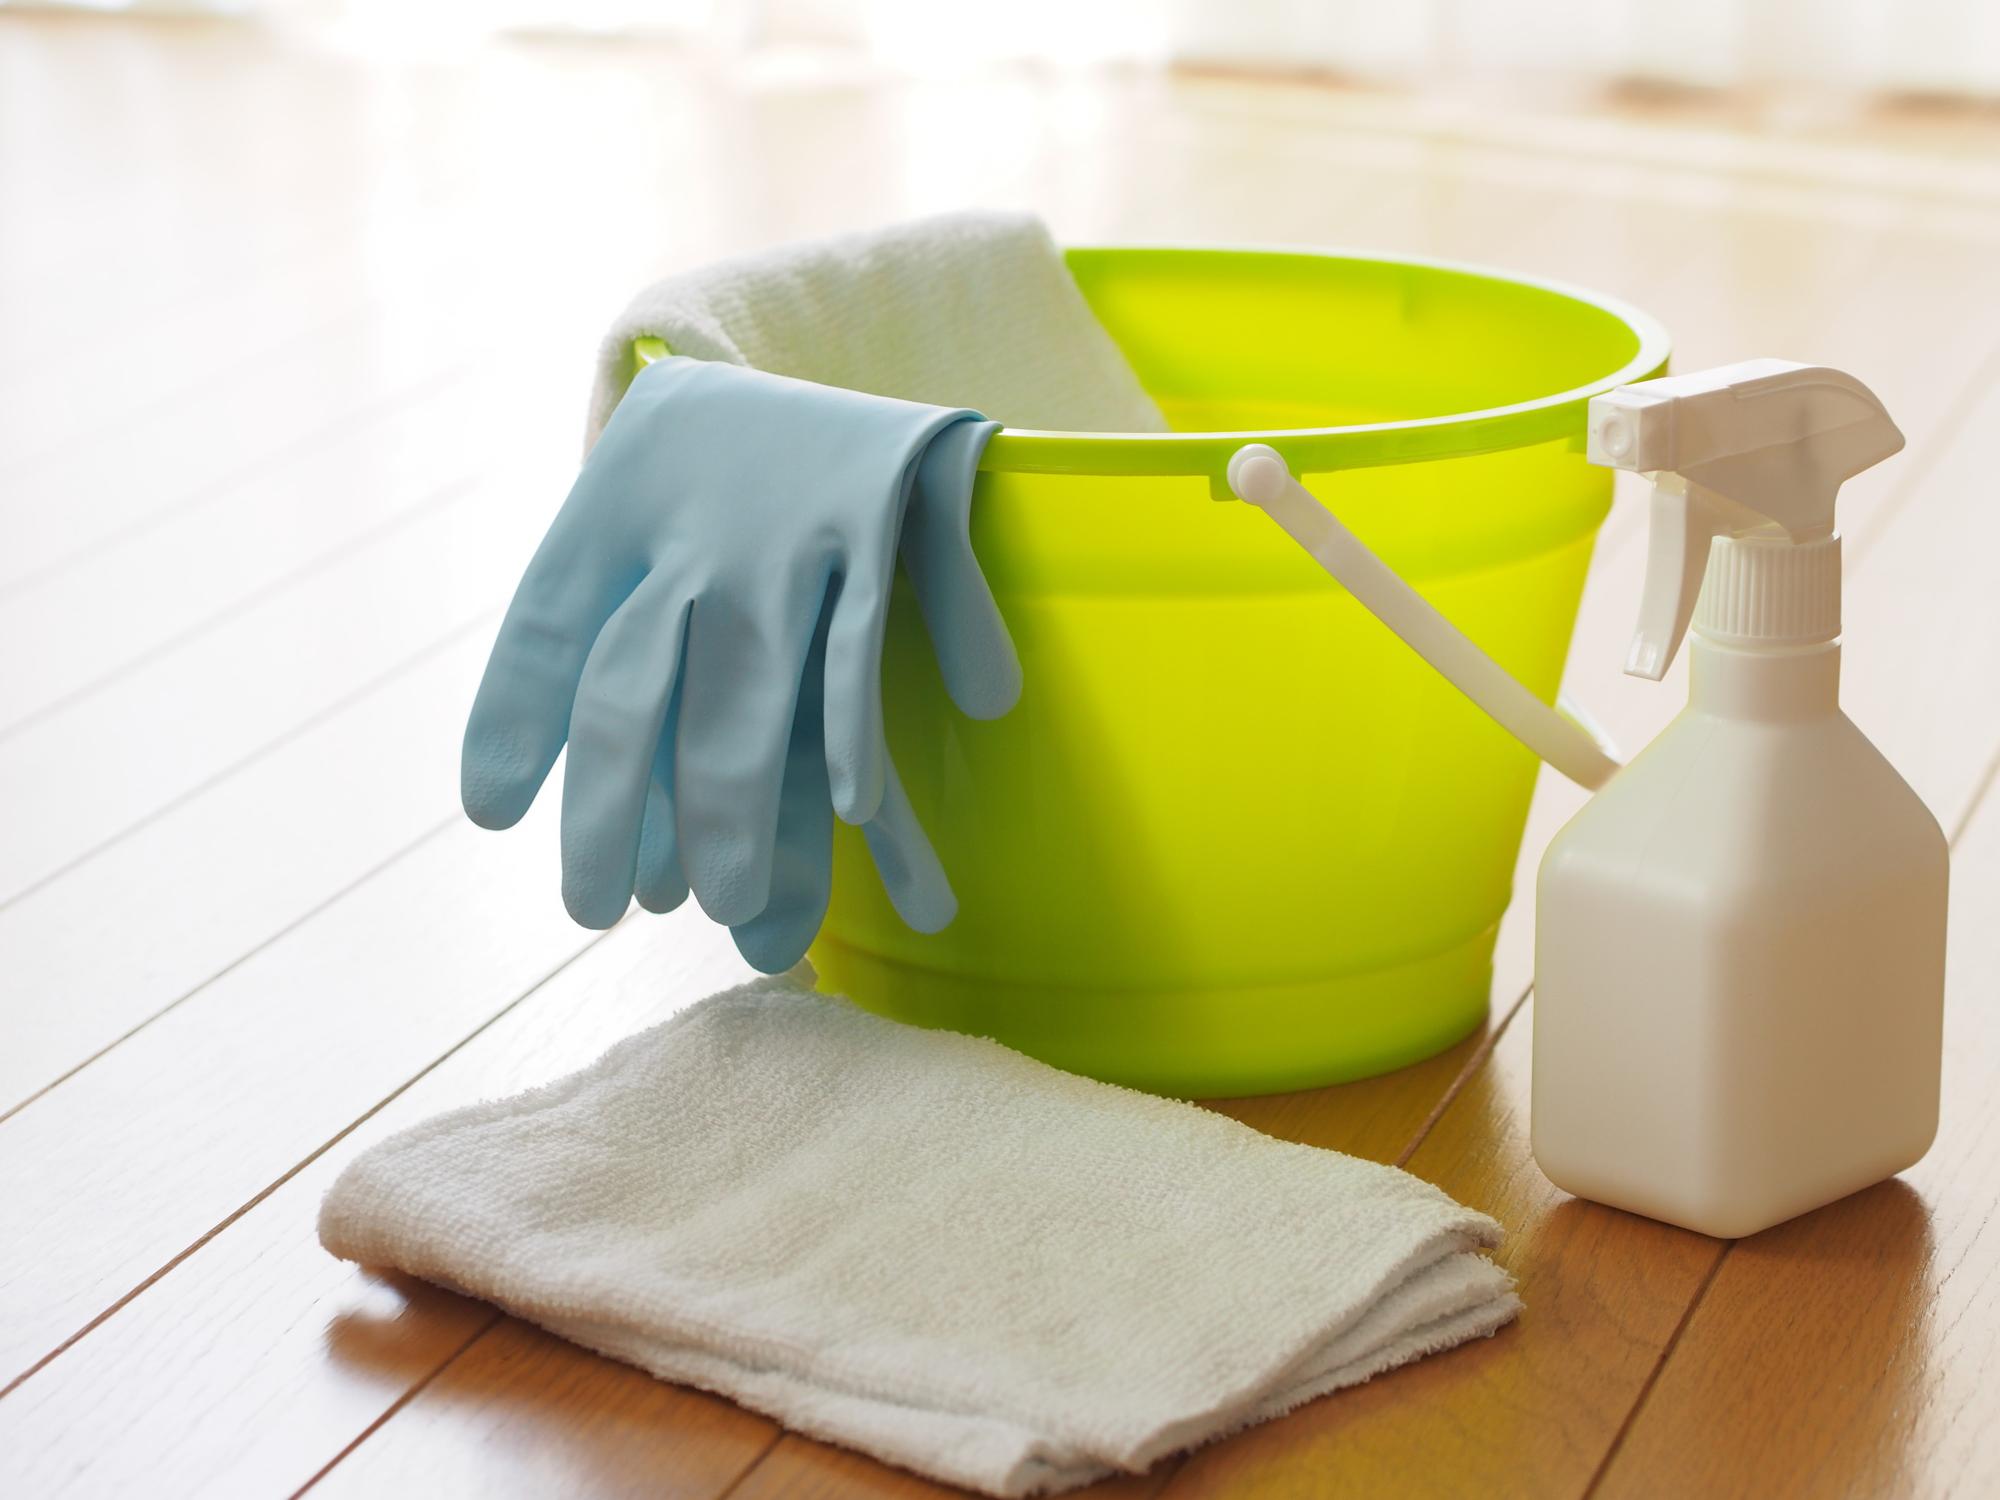 嘔吐物を掃除するイメージ